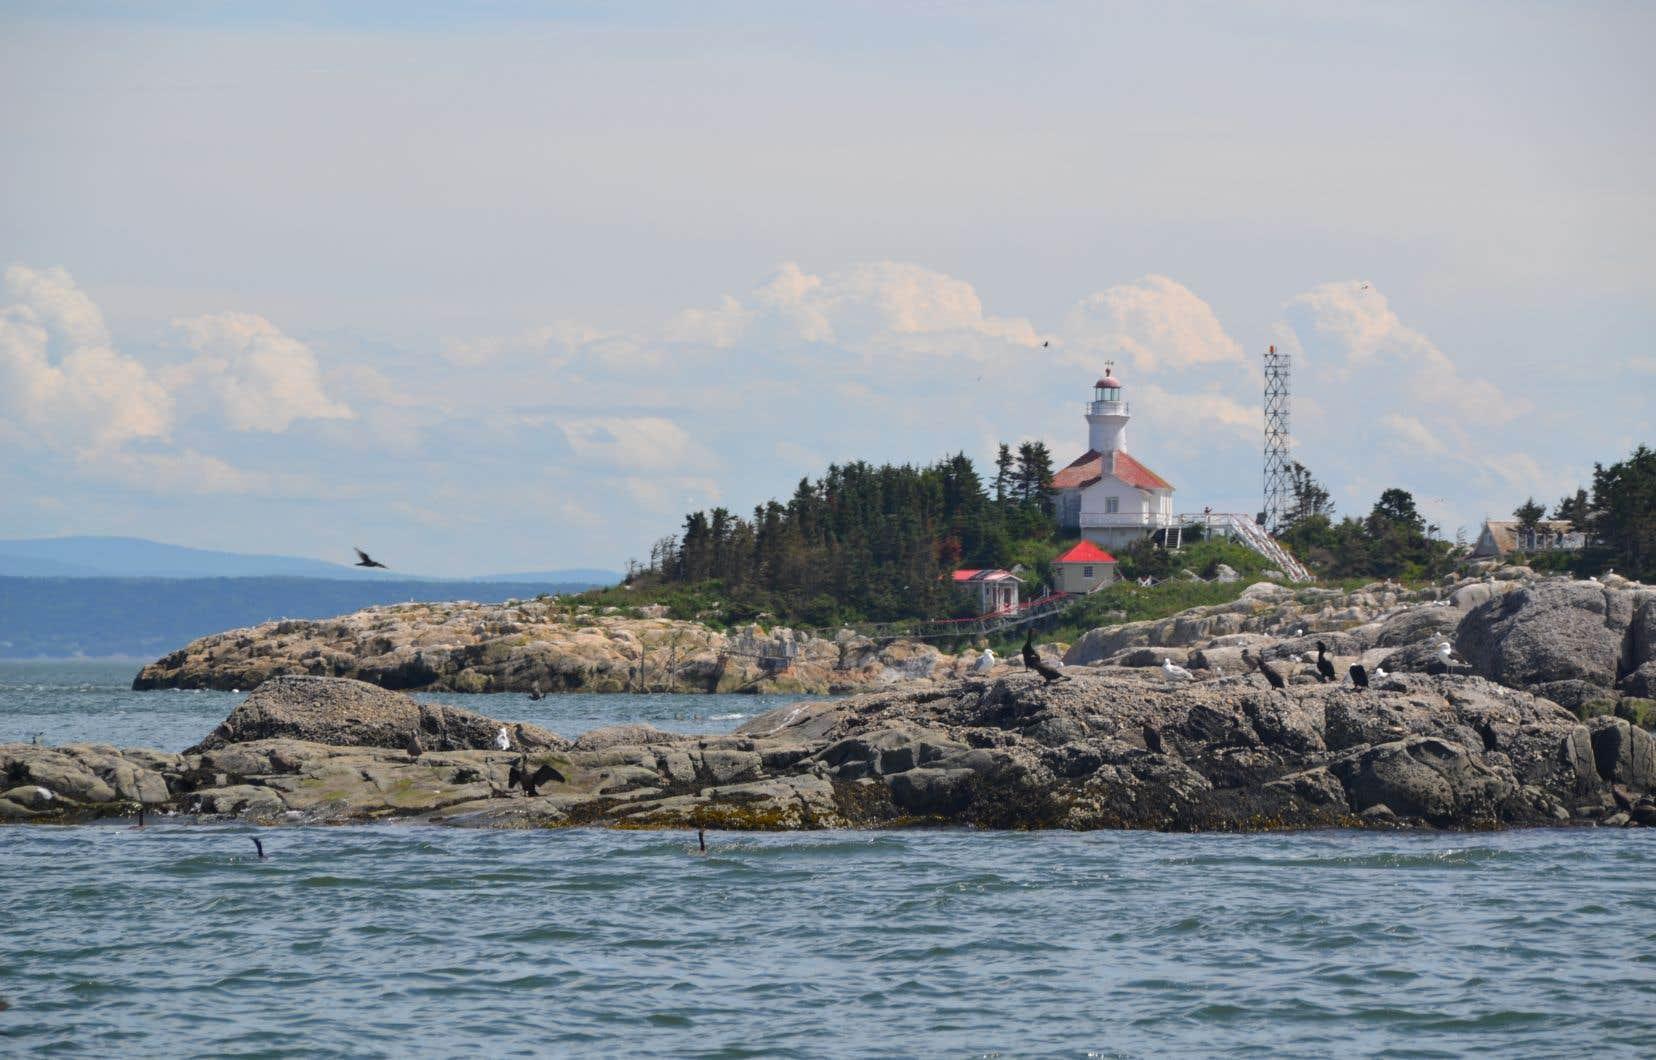 Depuis 1985, le trio des îles du Pot à l'Eau-de-Vie appartient à la société Duvetnor, qui a transformé en auberge le joli phare de l'endroit. Mais ce sont bien les oiseaux qui sont les maîtres des lieux.